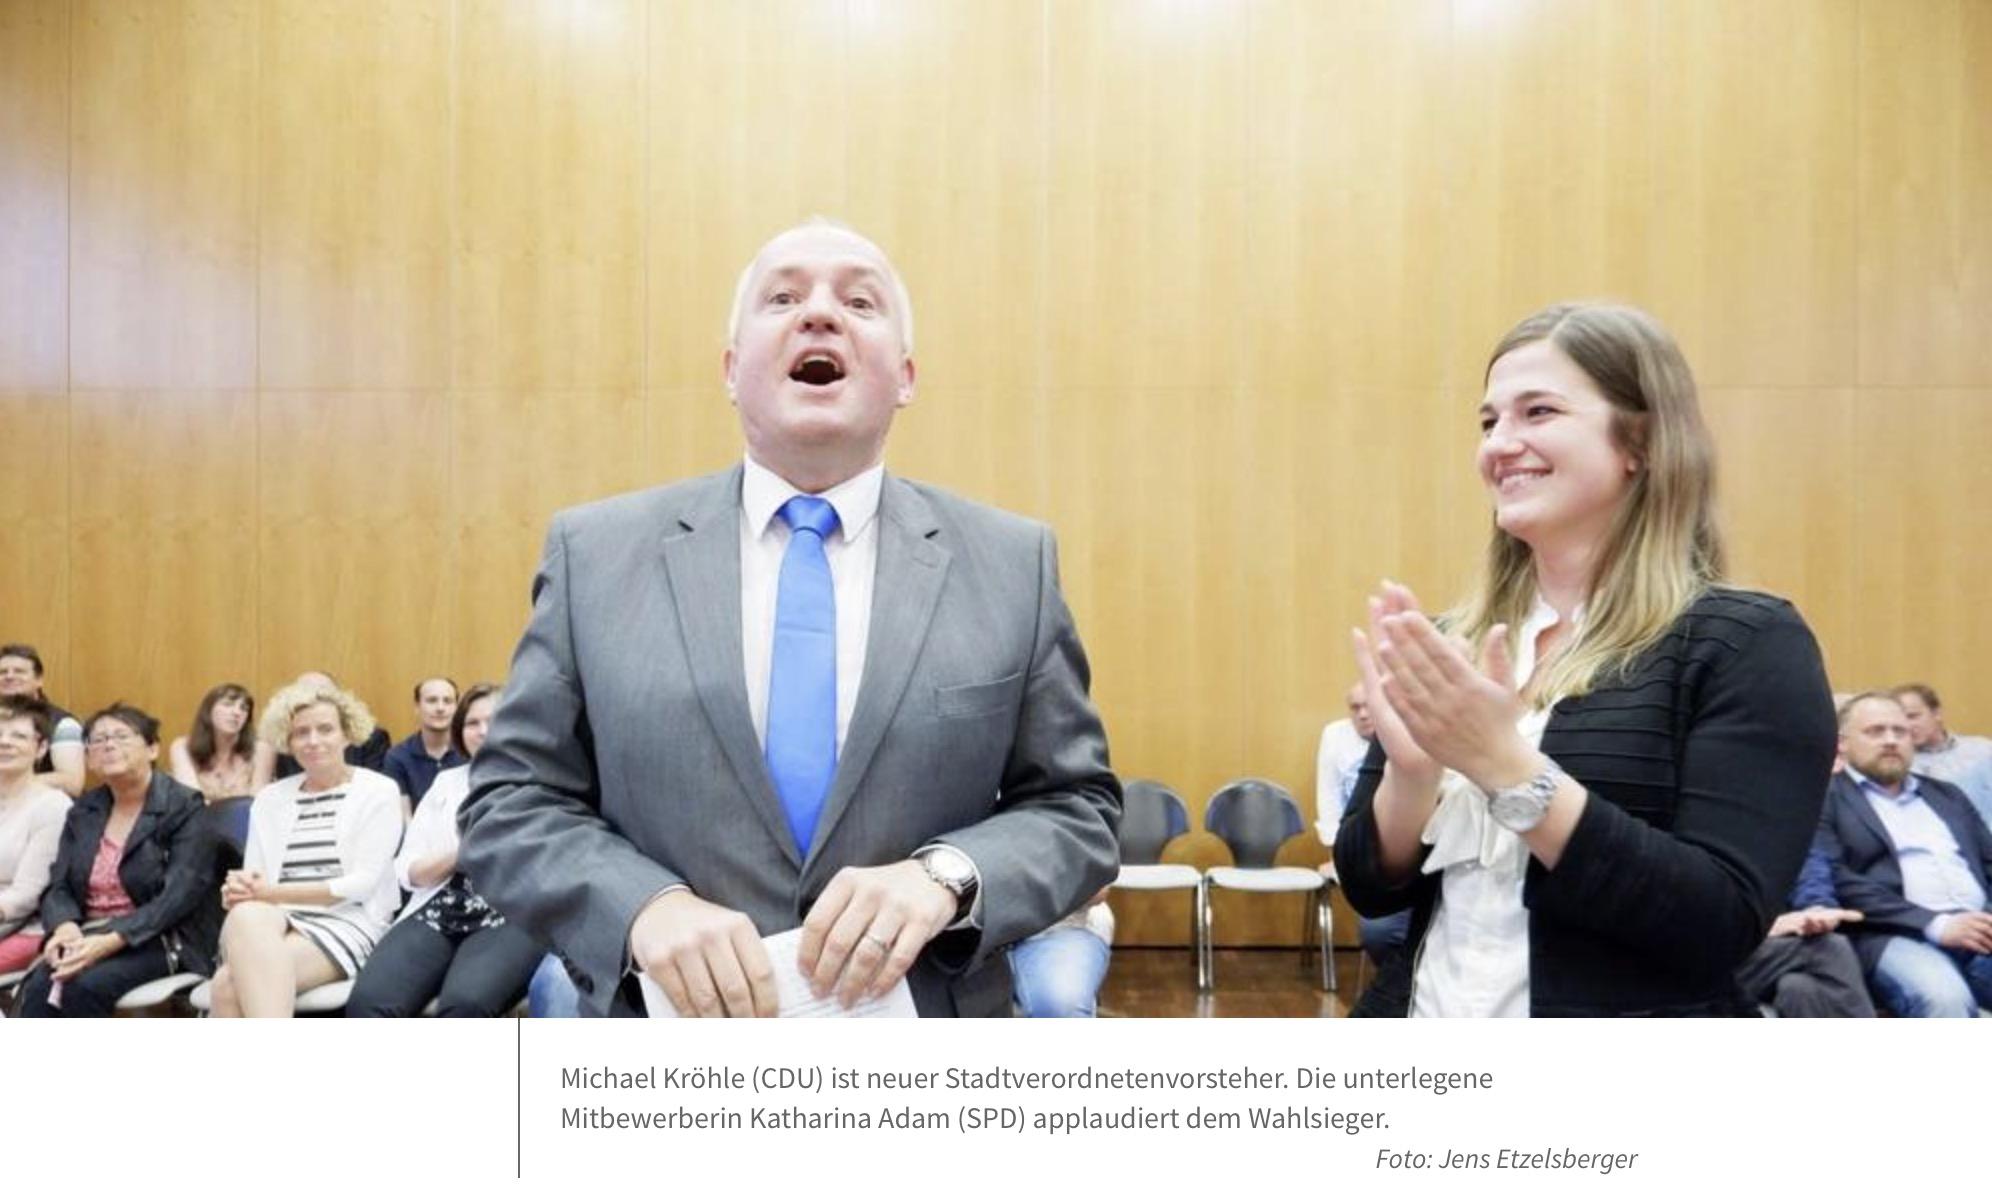 Michael Kröhle (CDU) ist neuer Stadtverordnetenvorsteher